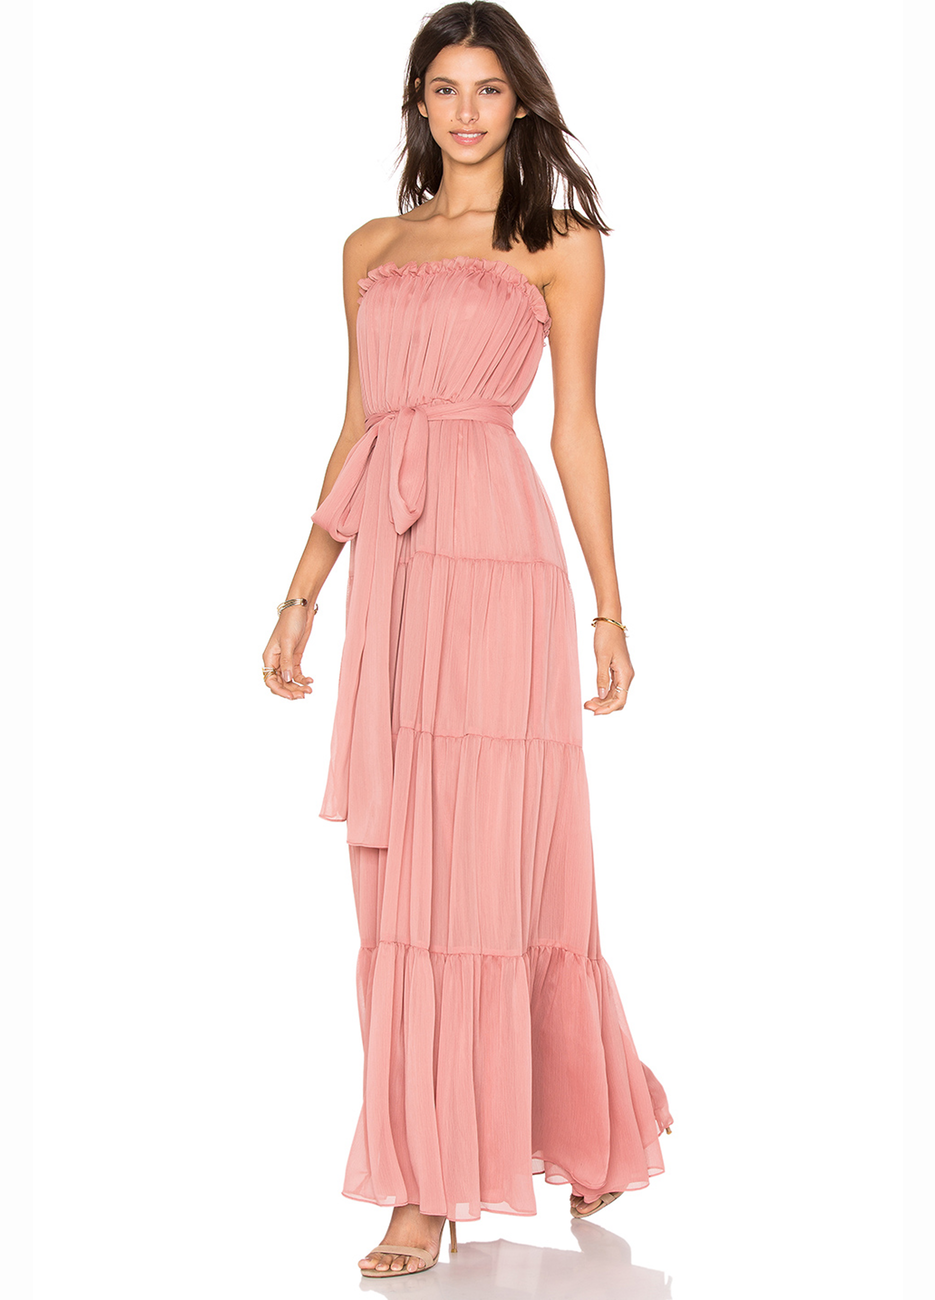 Jill Jill Stuart Strapless Chiffon Gown